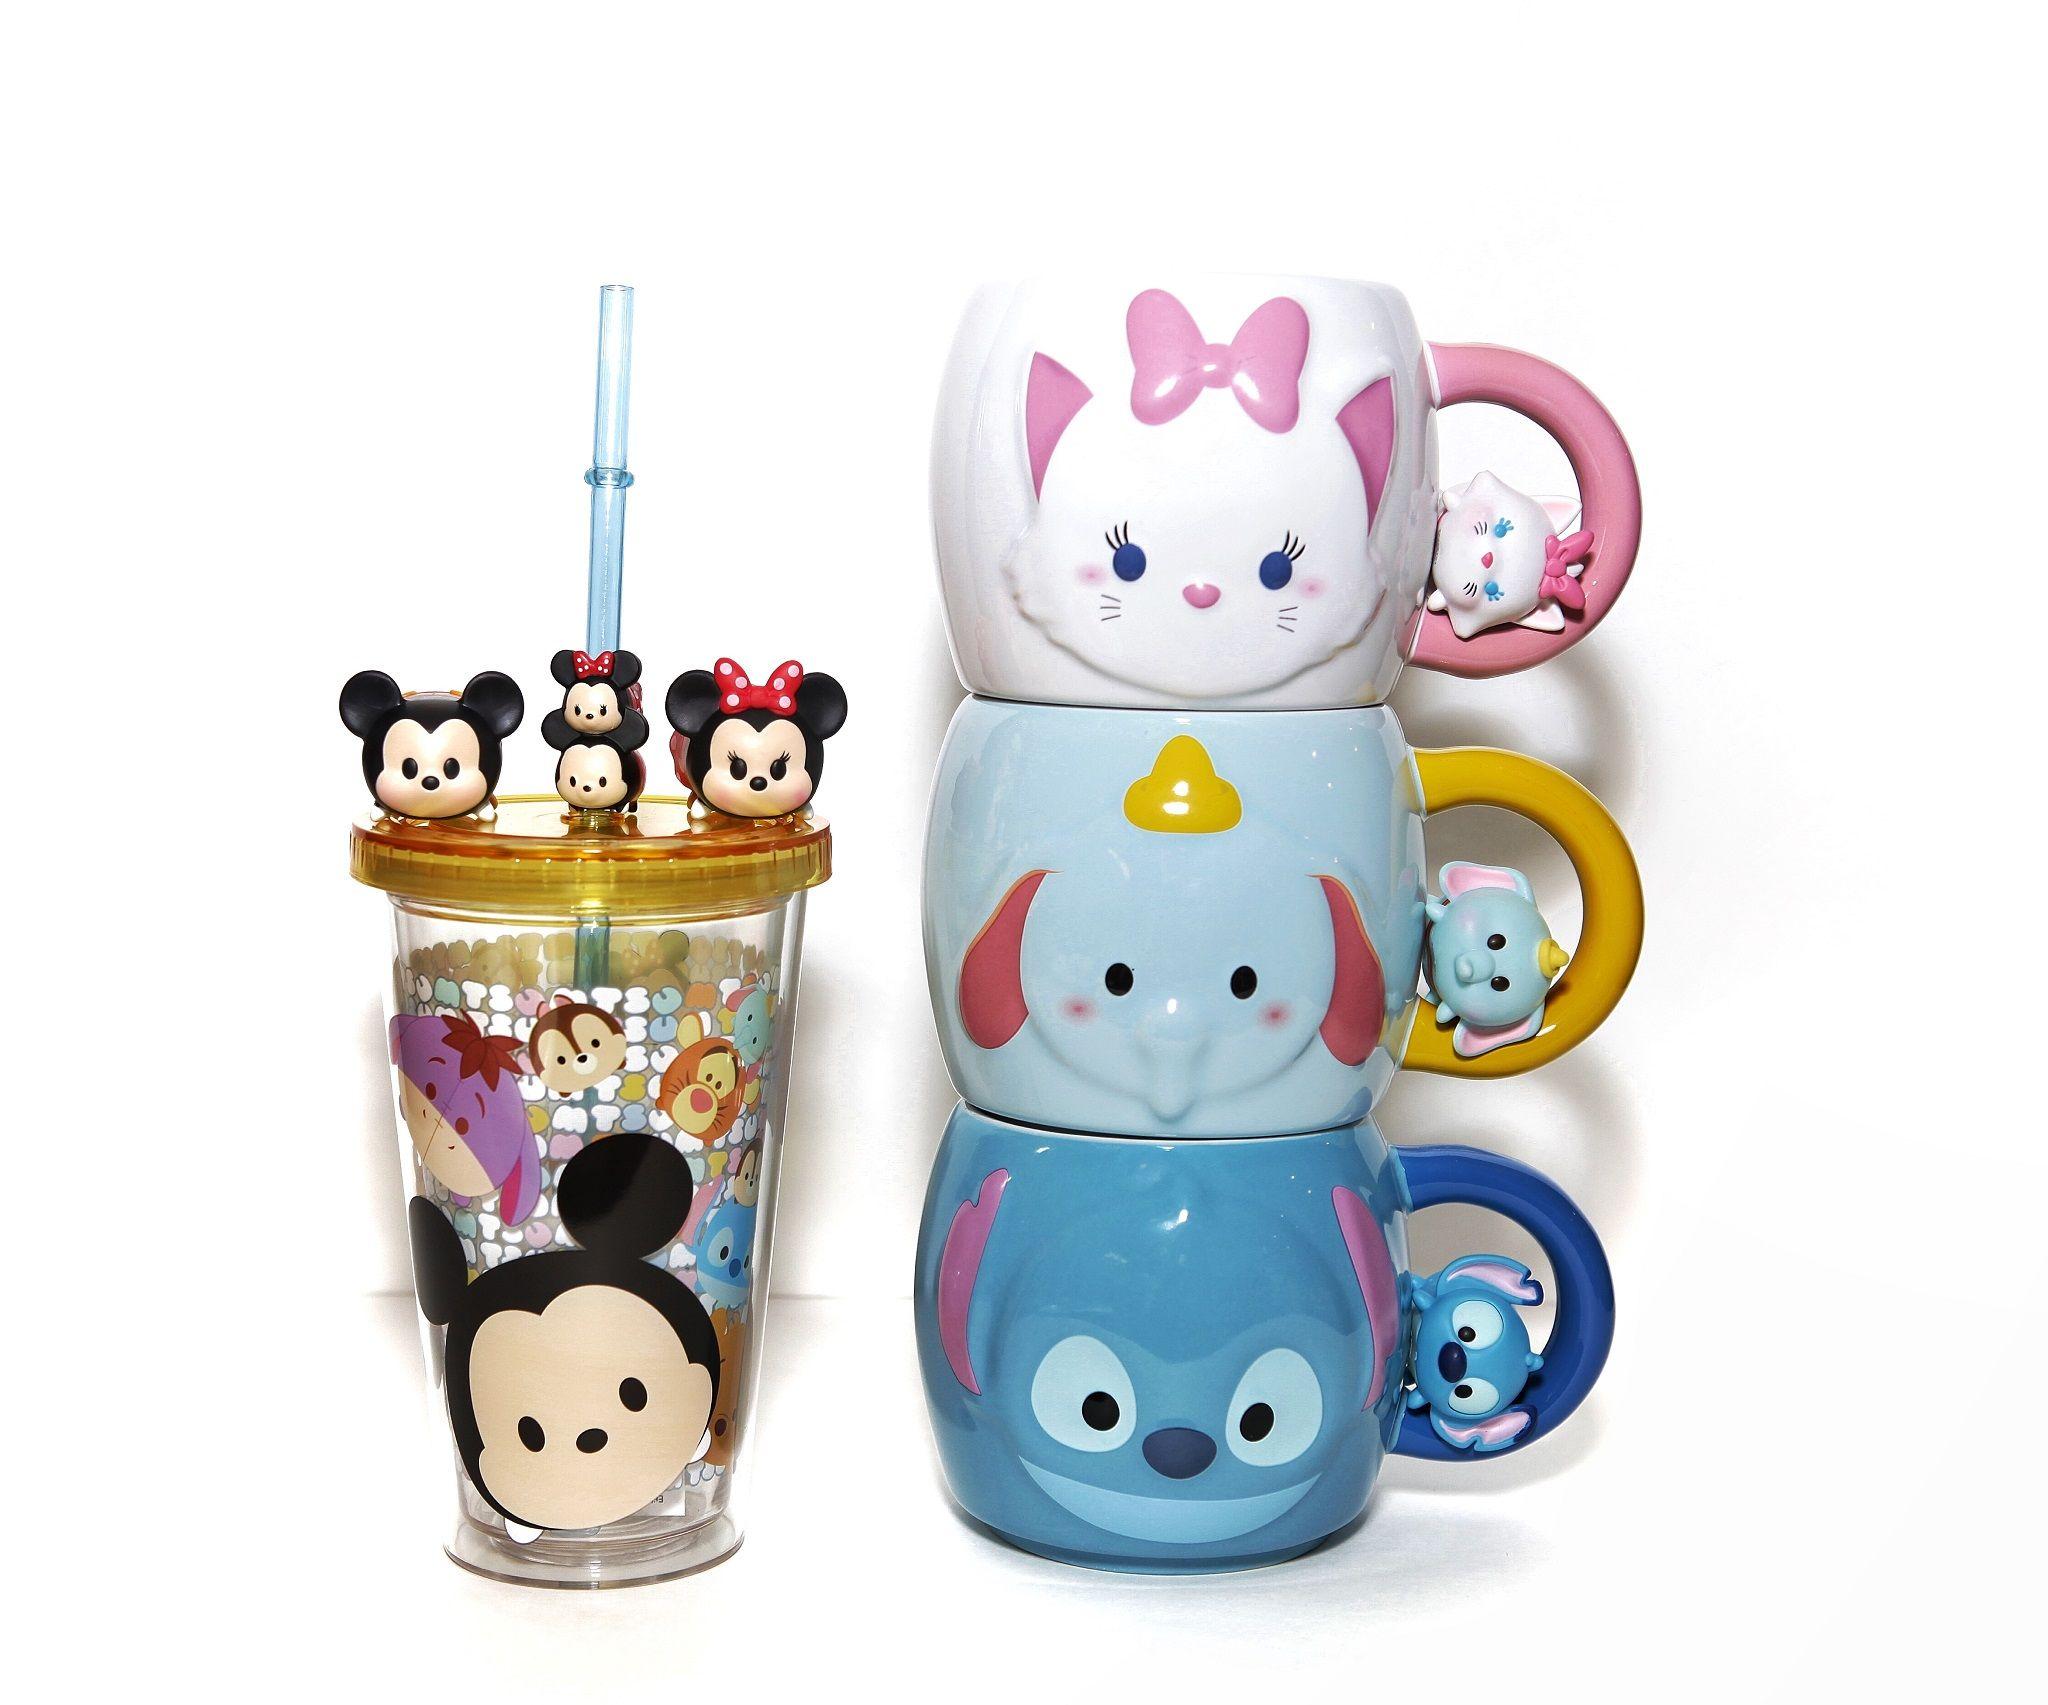 Tsum Tsum Cups Tsumthing Tsum Tsum Cup Disney Tsum Tsum